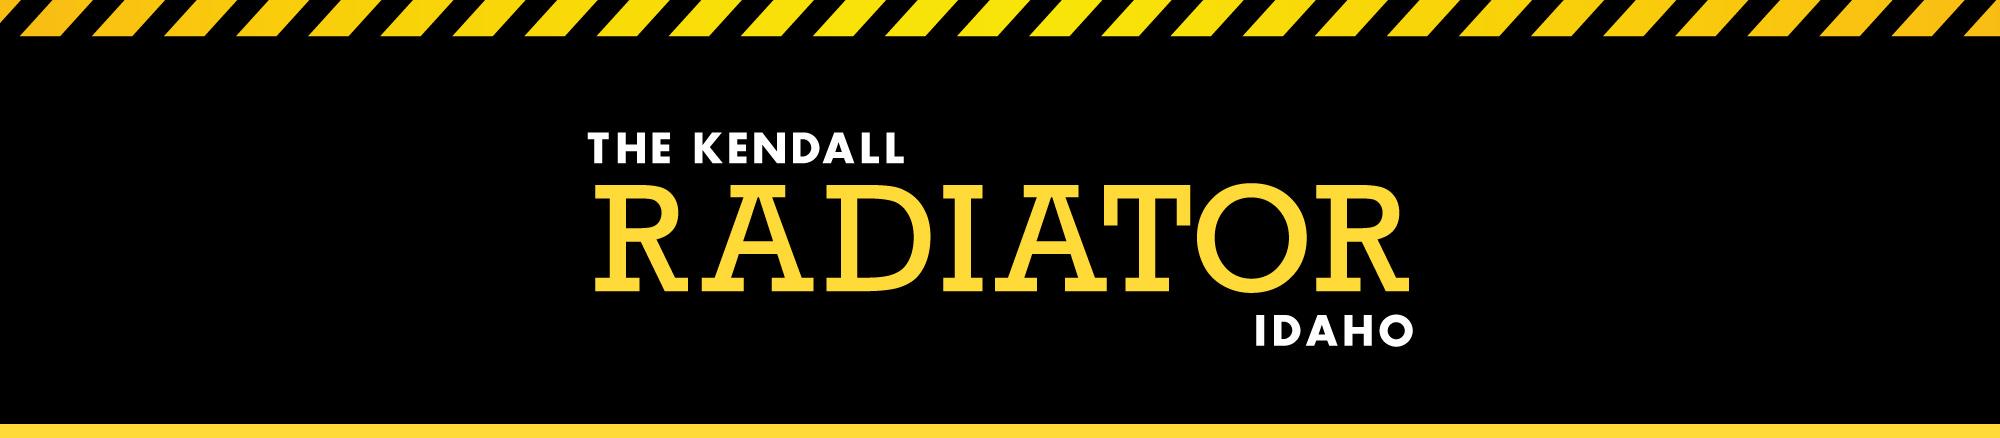 Kendall Auto Idaho Header